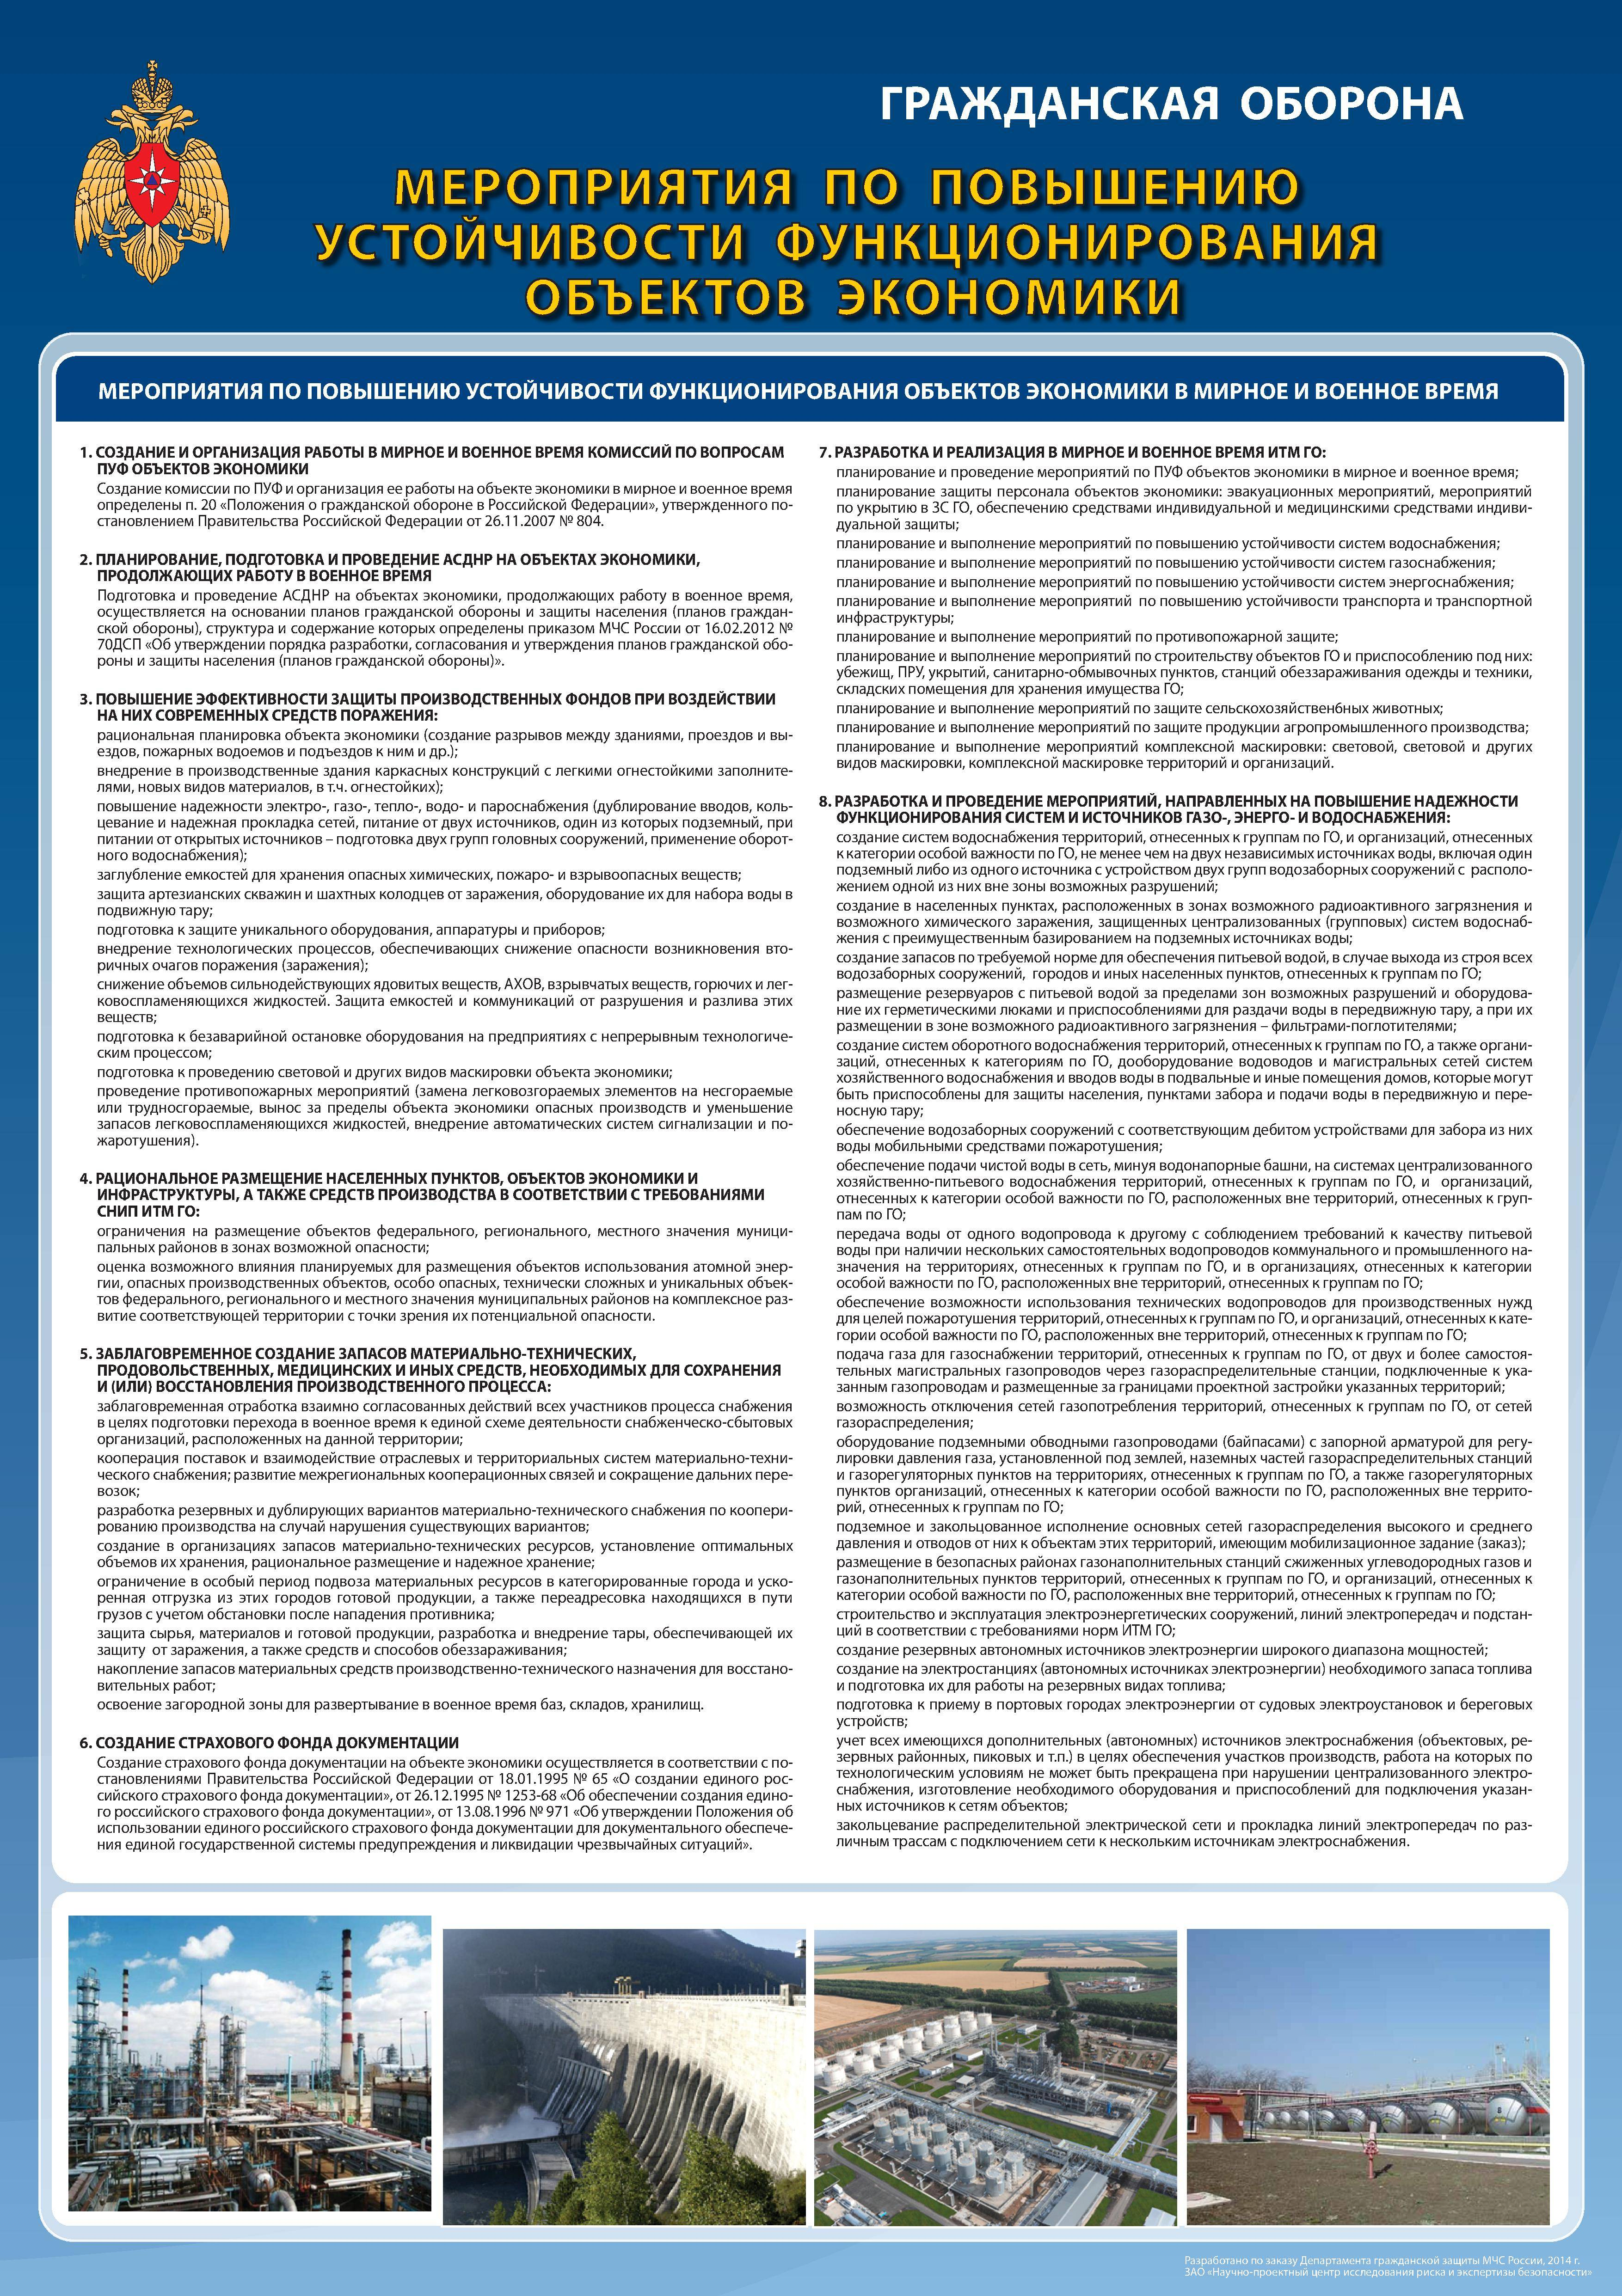 Определение и назначение мобилизационного резерва